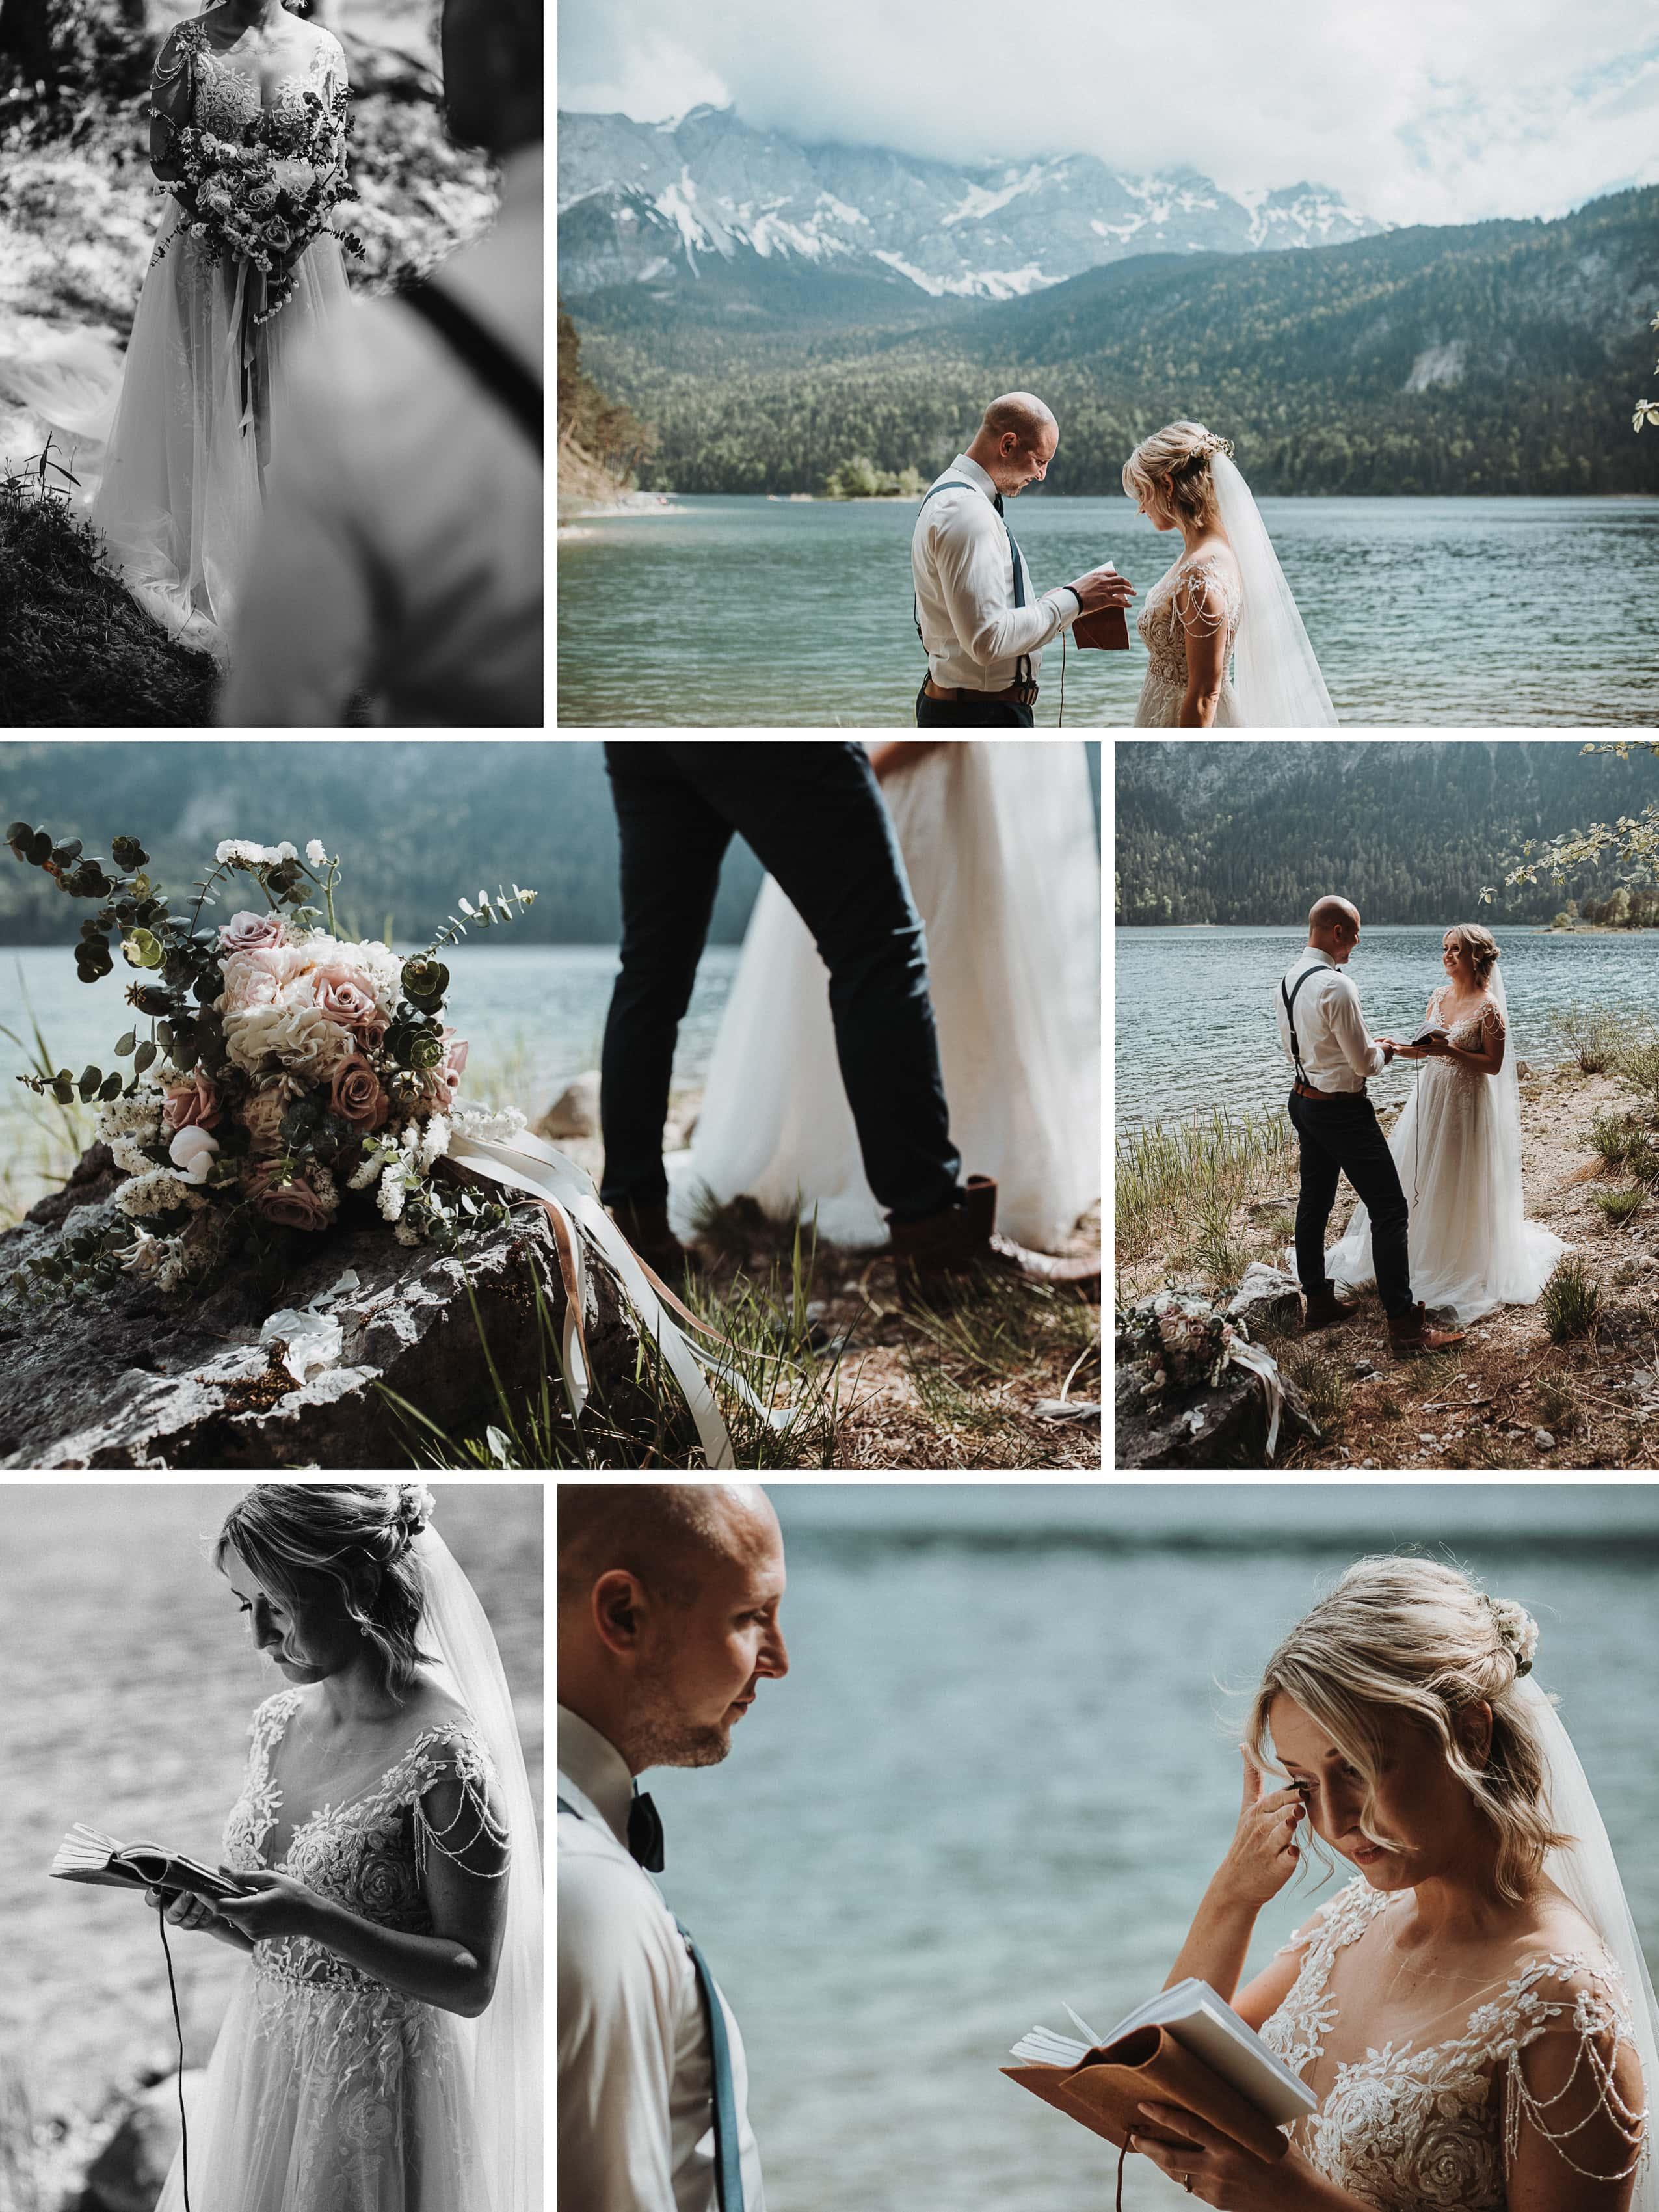 Vows Bride Jennifer Stieler